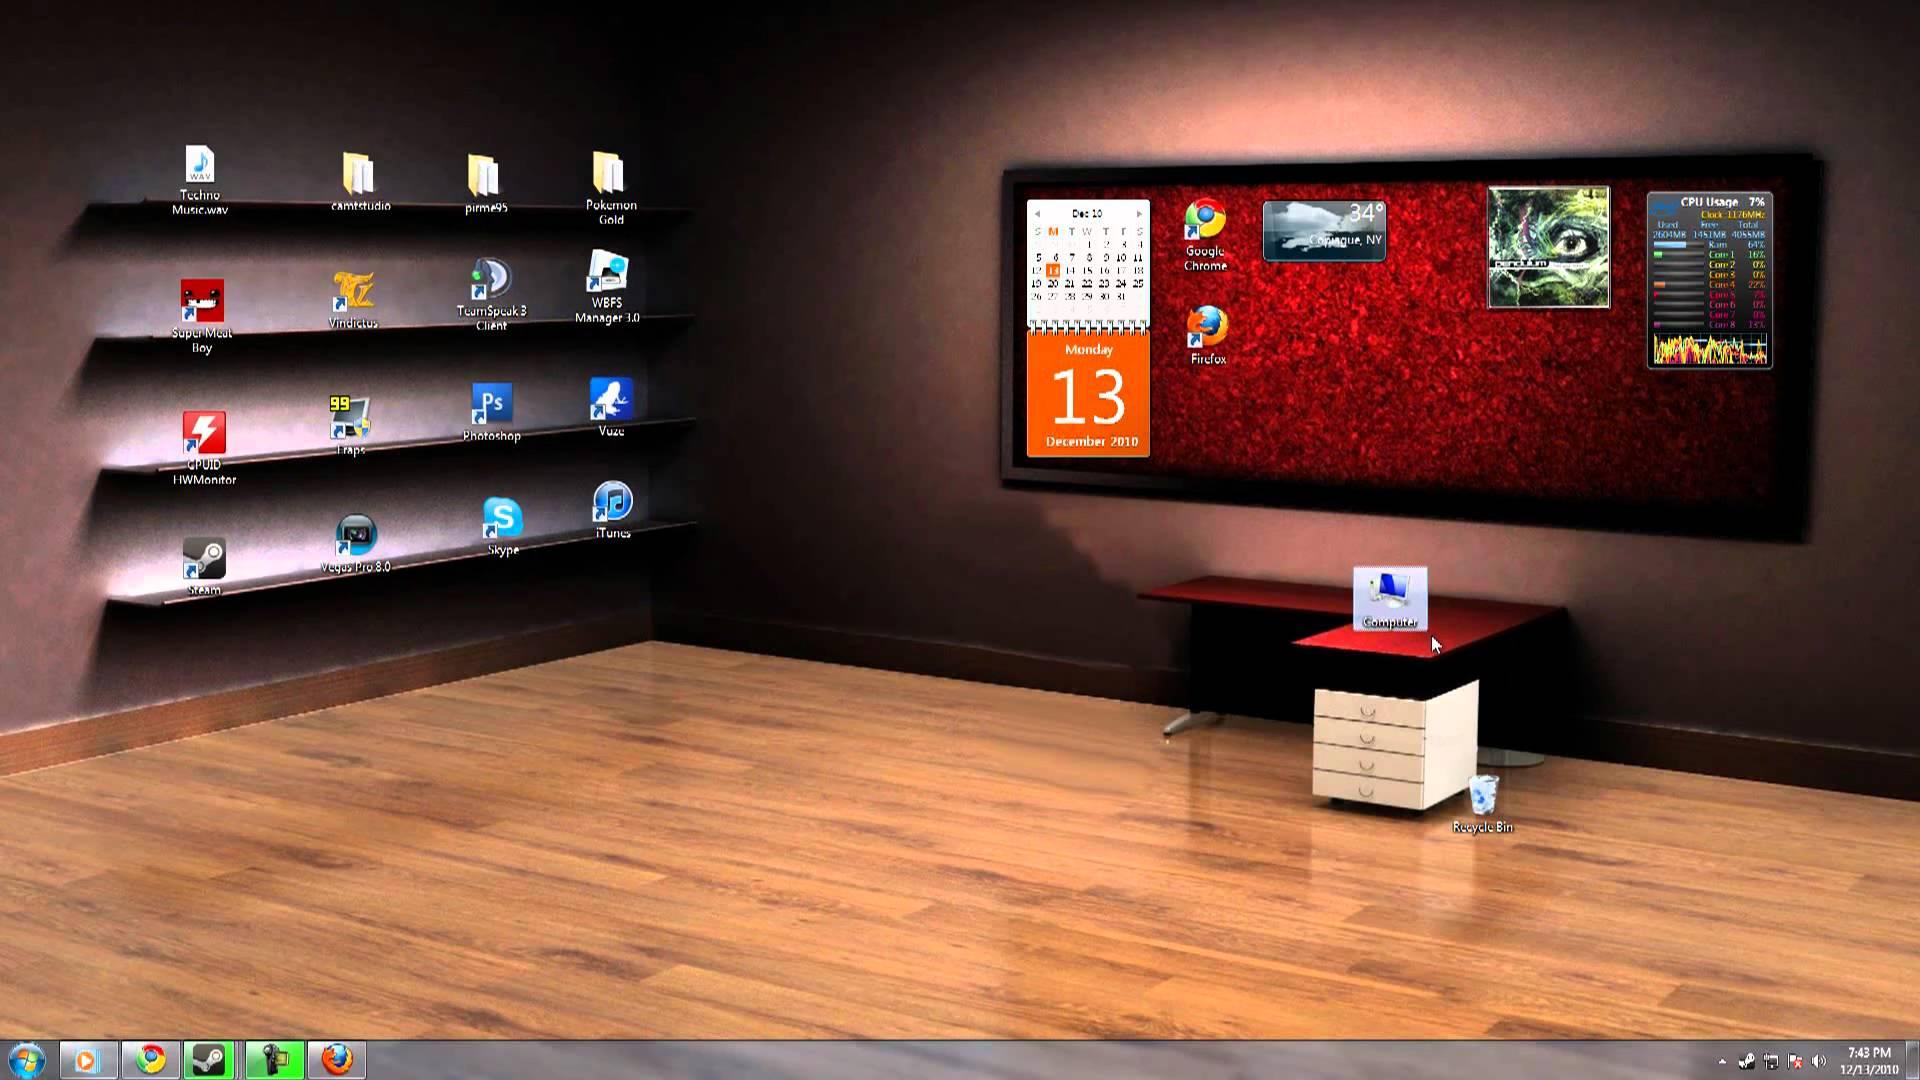 Youtube wallpaper for desktop - wallpapersafari.